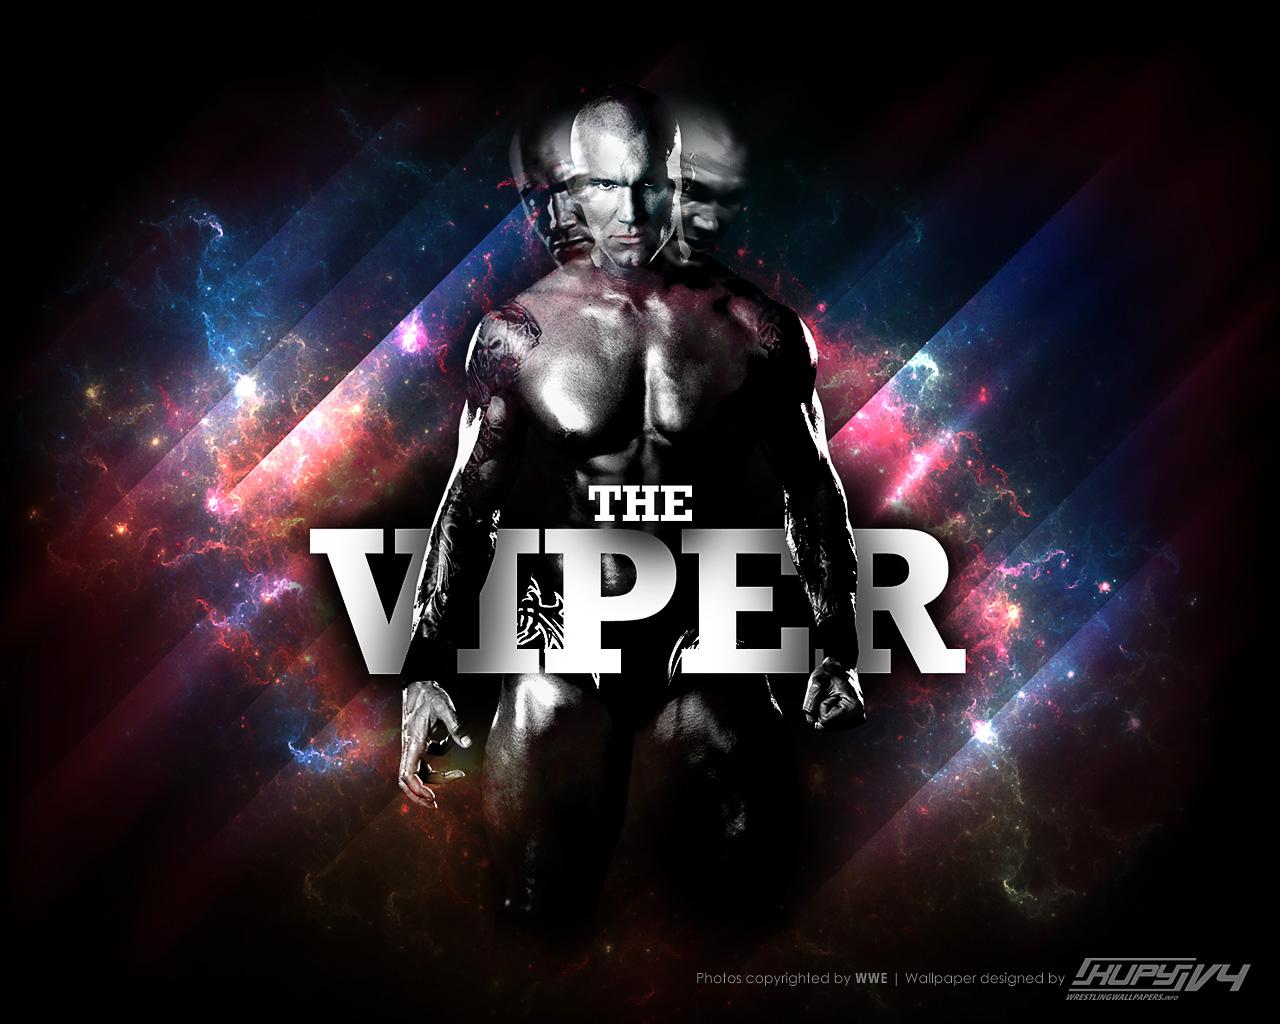 Randy Orton Viper Wallpapers | Top Web Pics